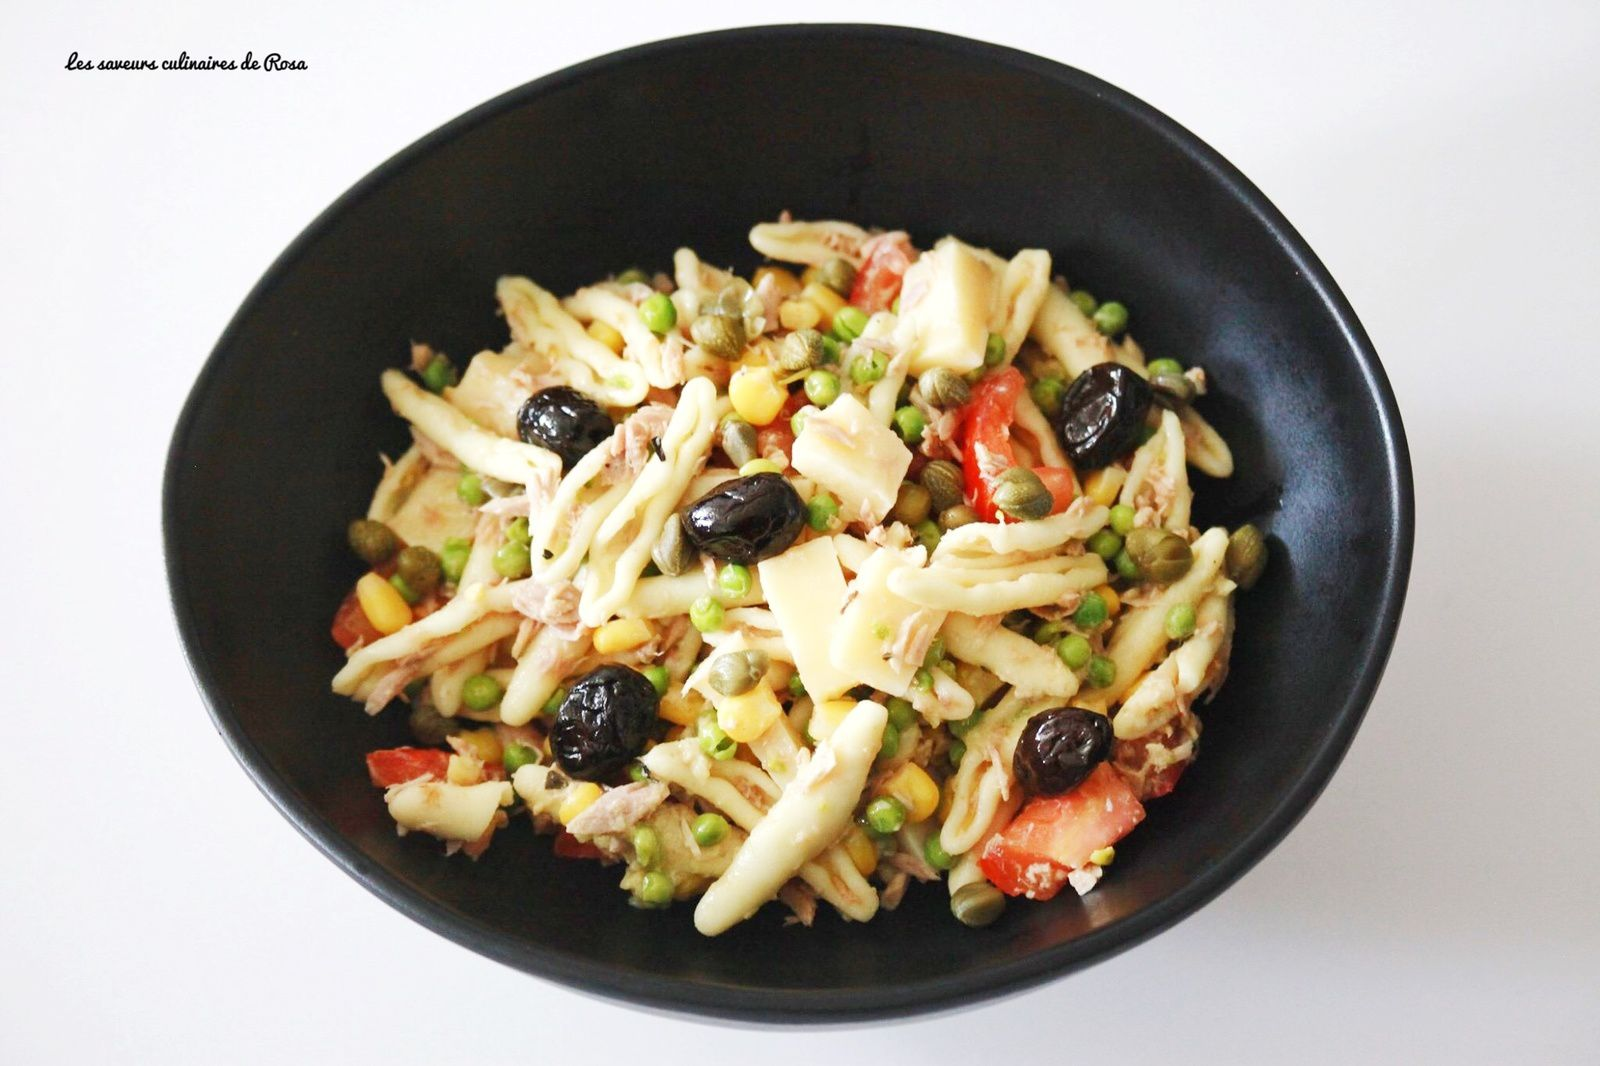 Salade de pâtes (cavatoni) aux légumes